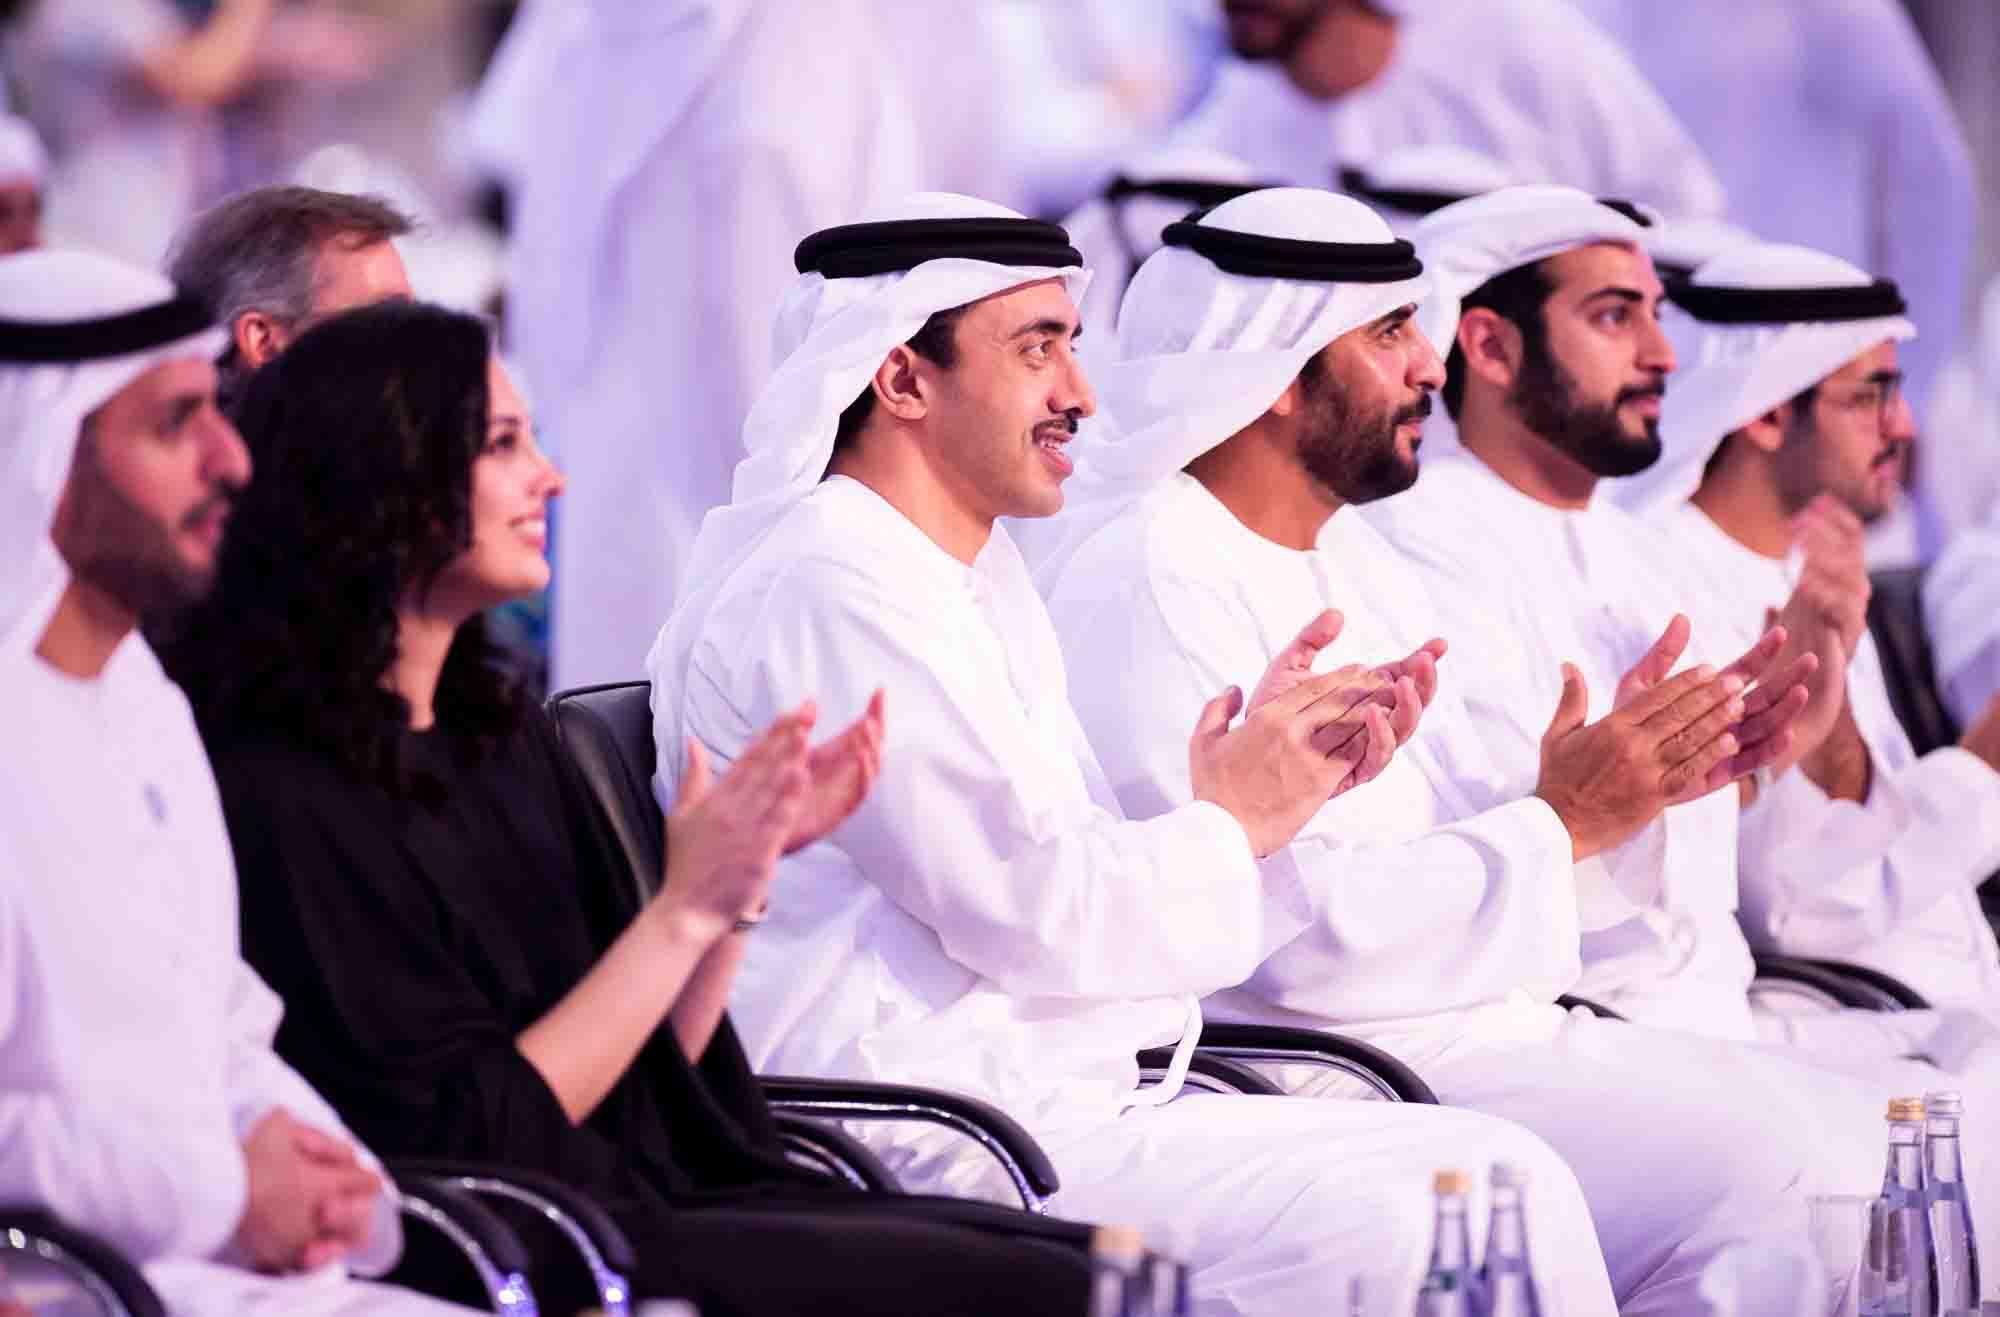 عبدالله بن زايد يشهد تخريج الدفعة الخامسة من جامعة نيويورك - أبوظبي 1